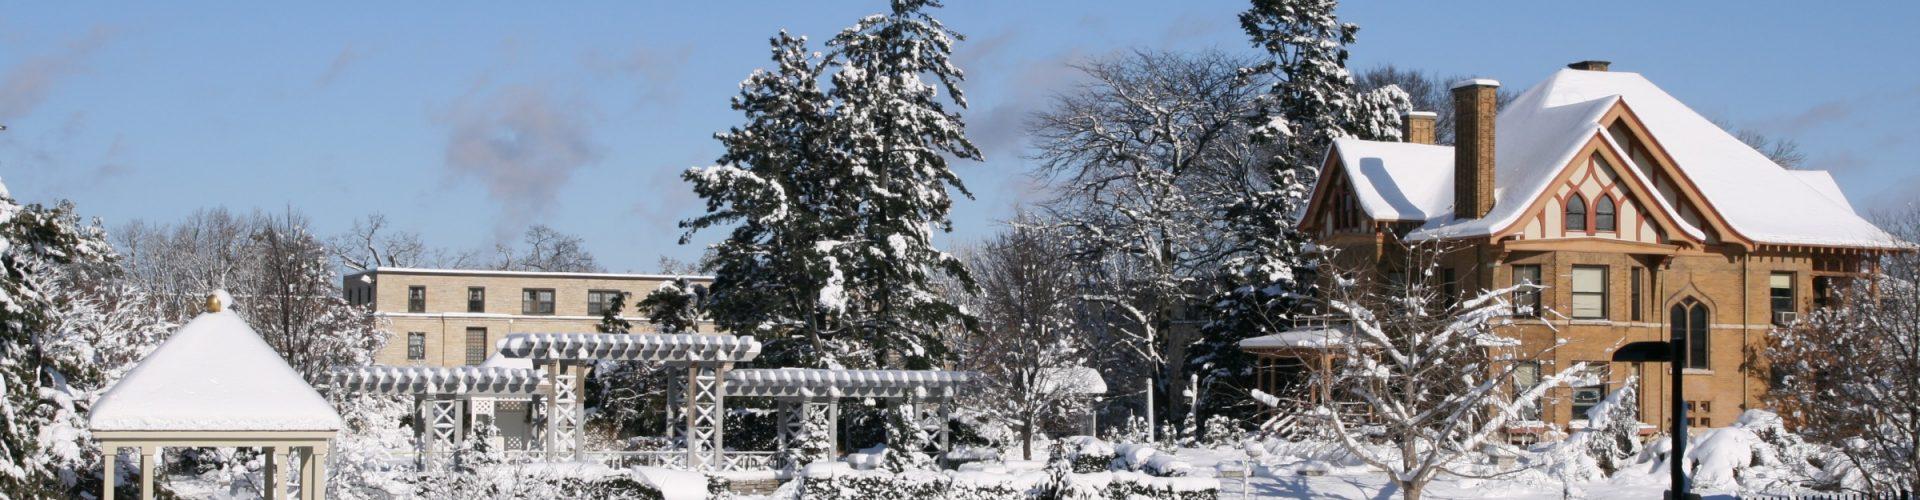 Allen Centennial Gardens in Winter